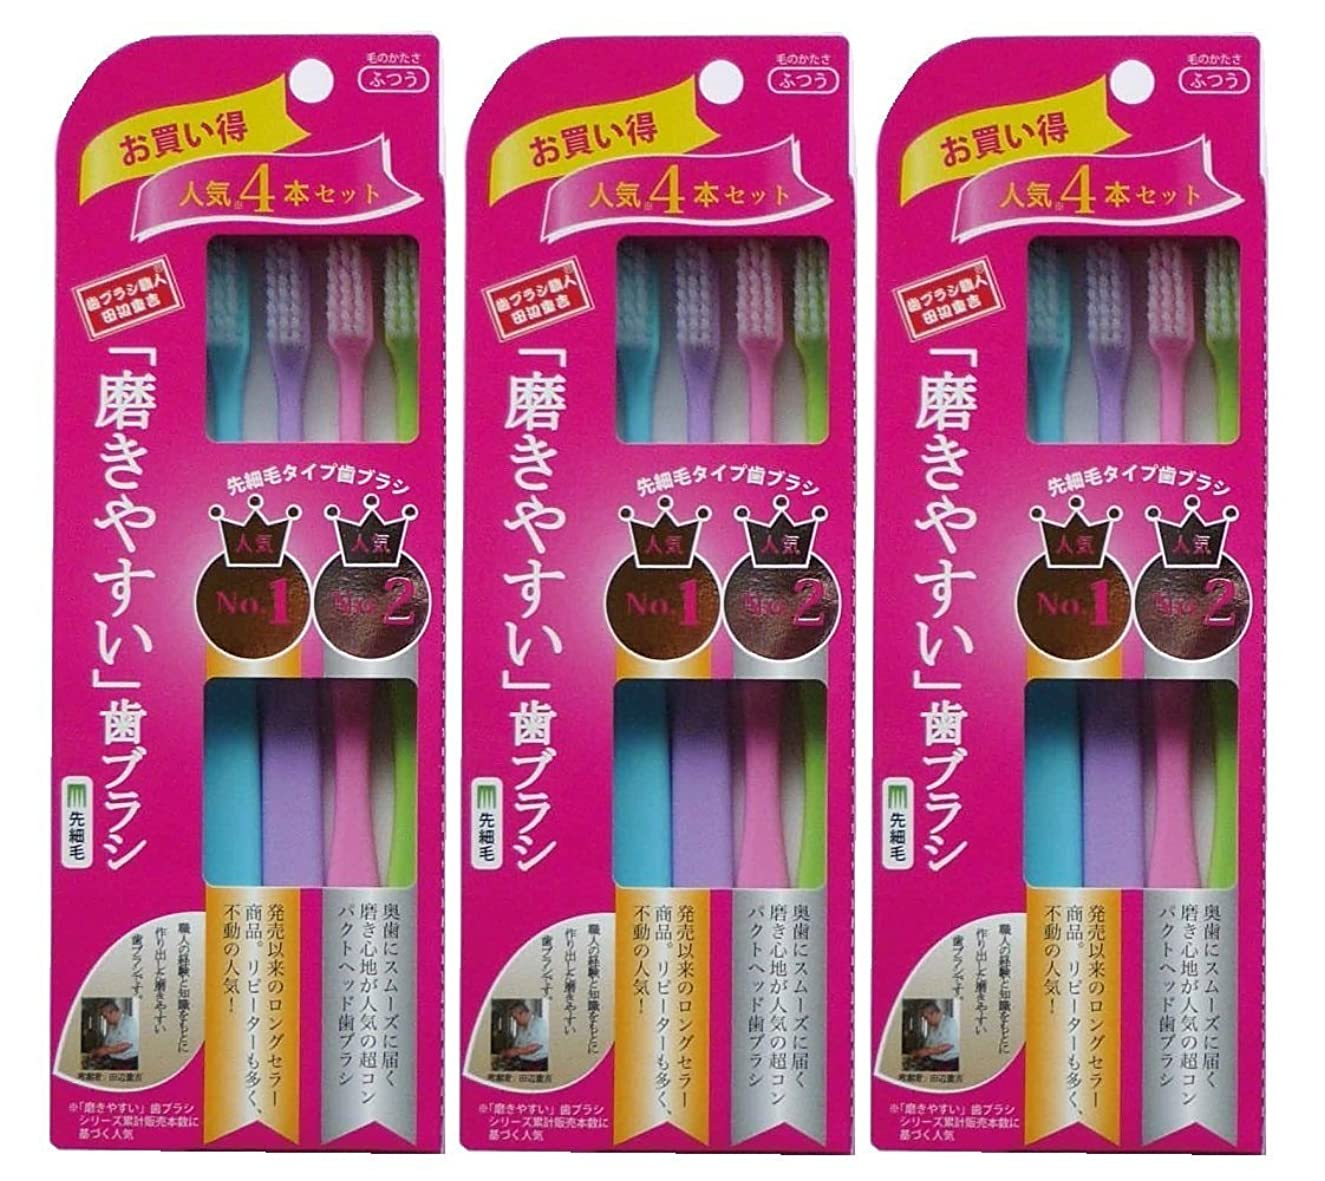 マークされた影響を受けやすいですストリーム磨きやすい歯ブラシ 人気 No.1 No.2 先細毛 LT-21 4本組×3個セット